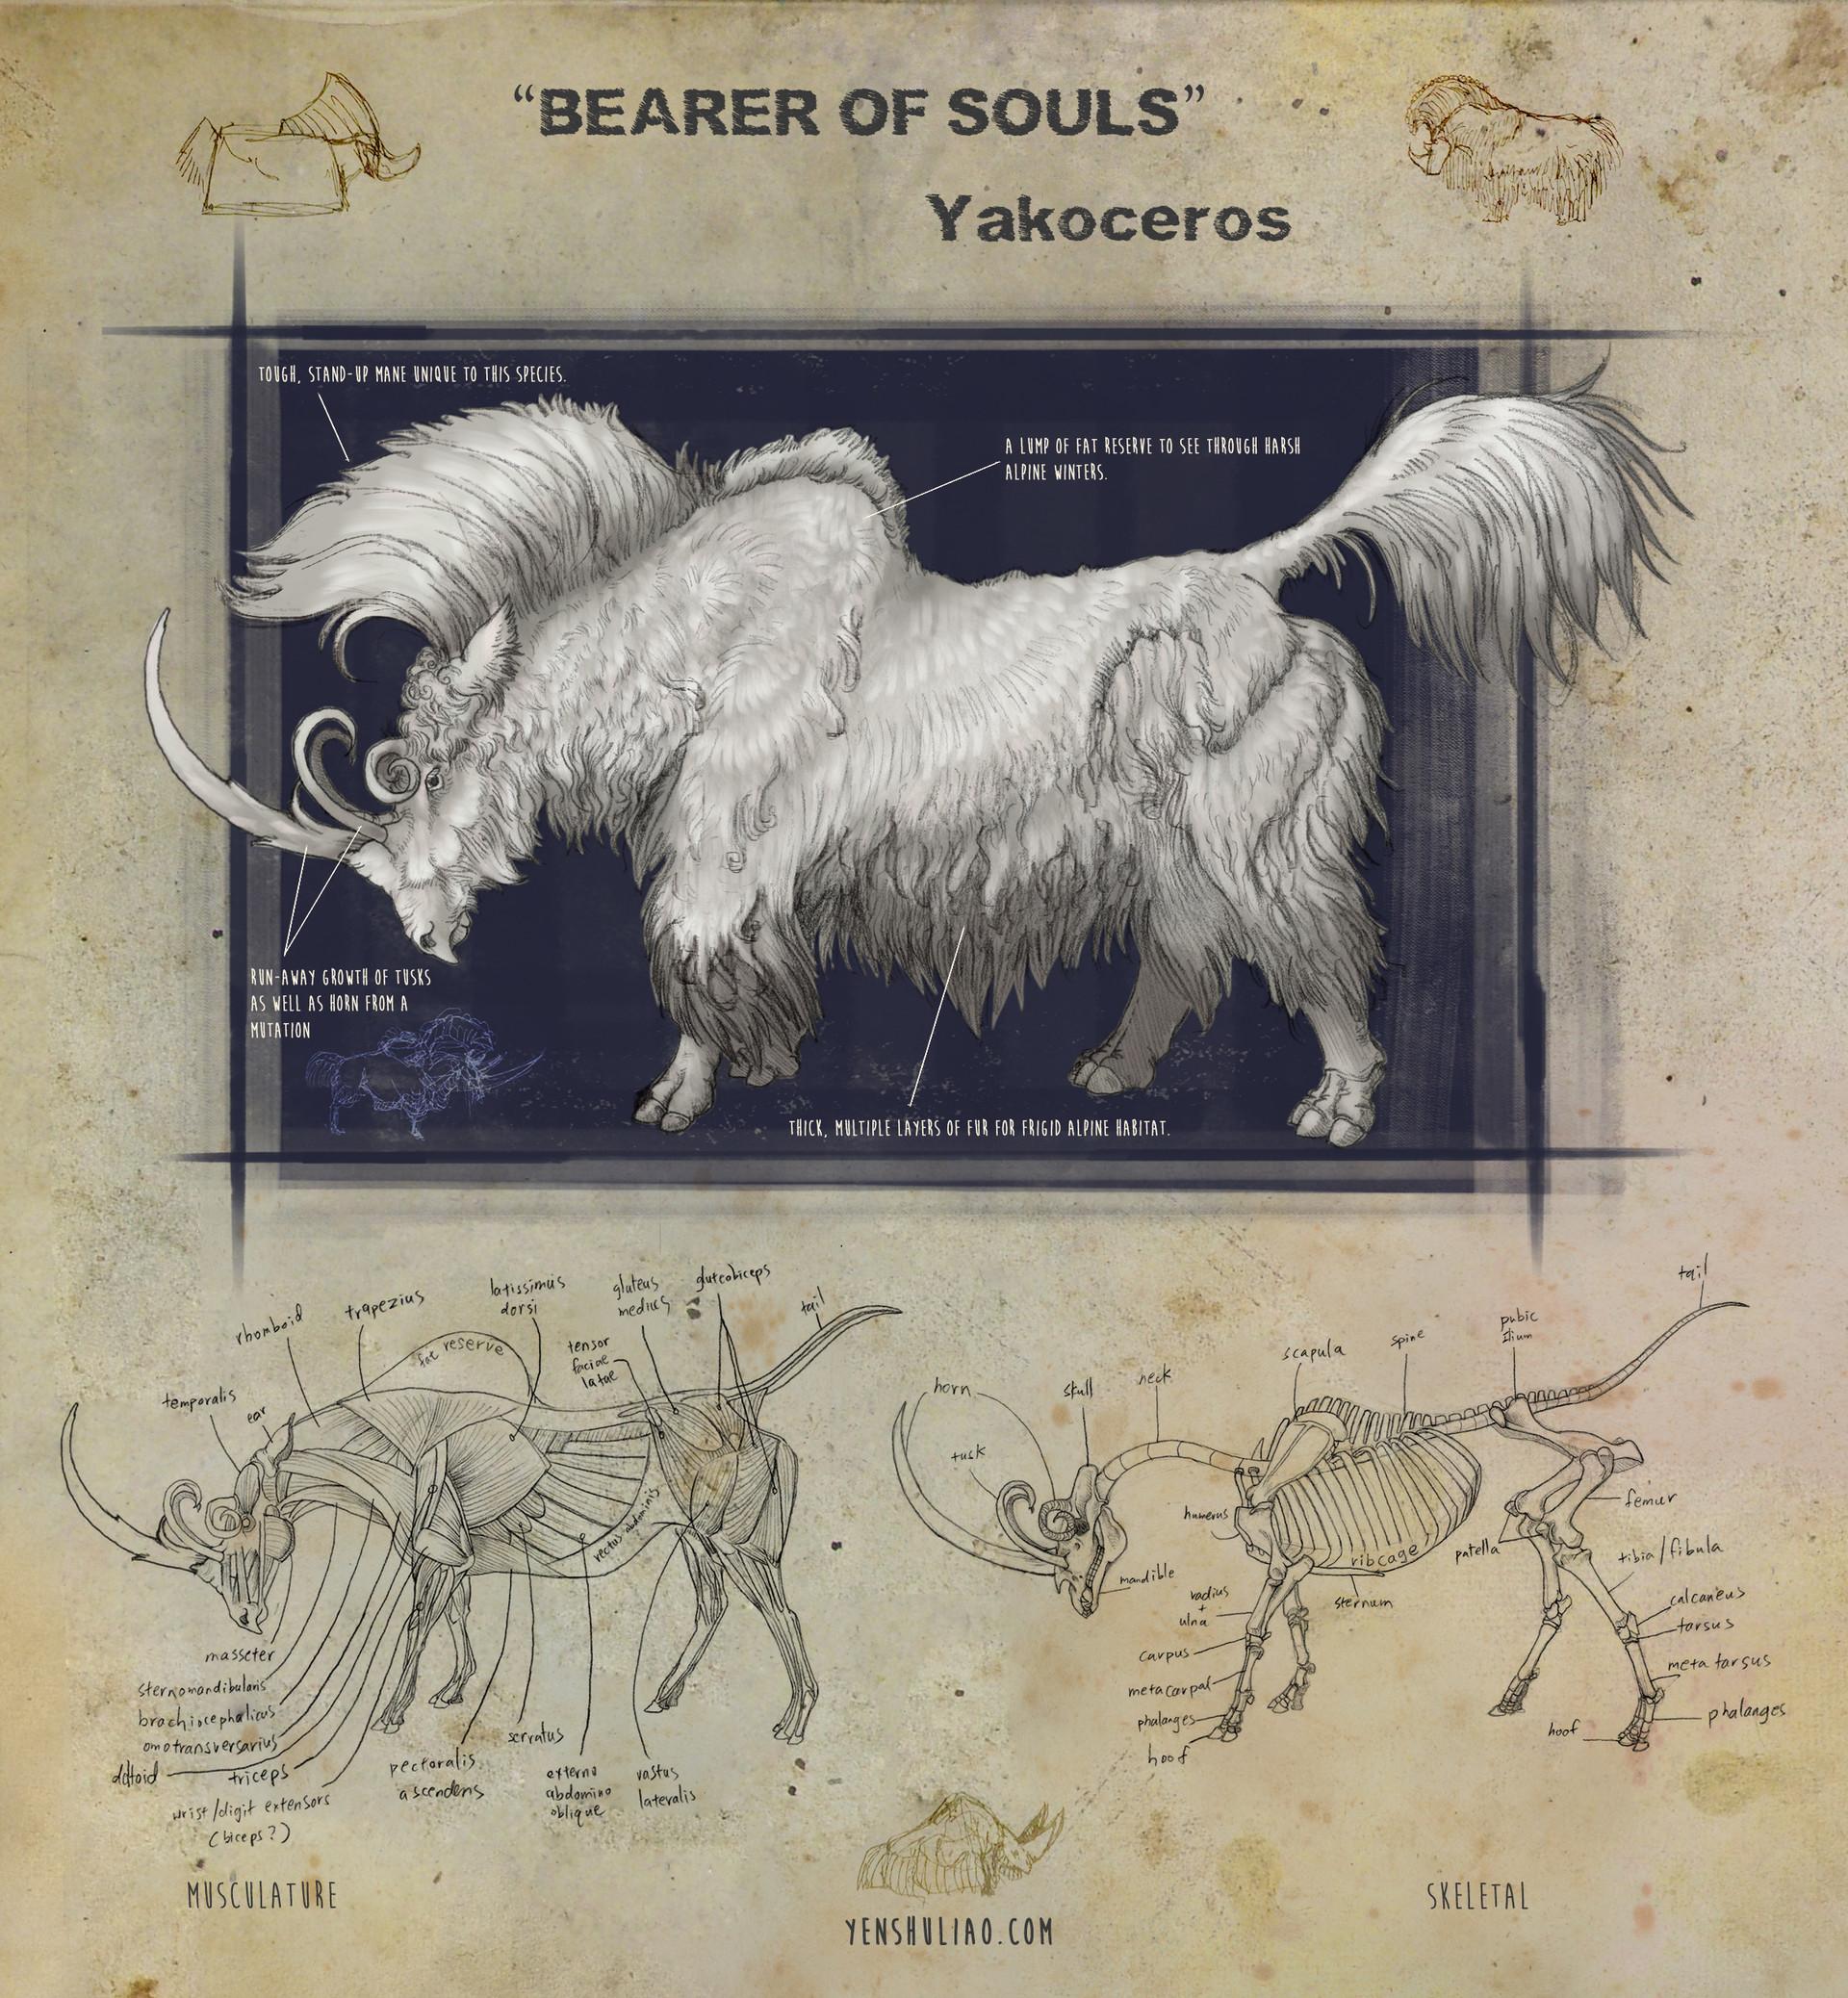 Bearer of Souls